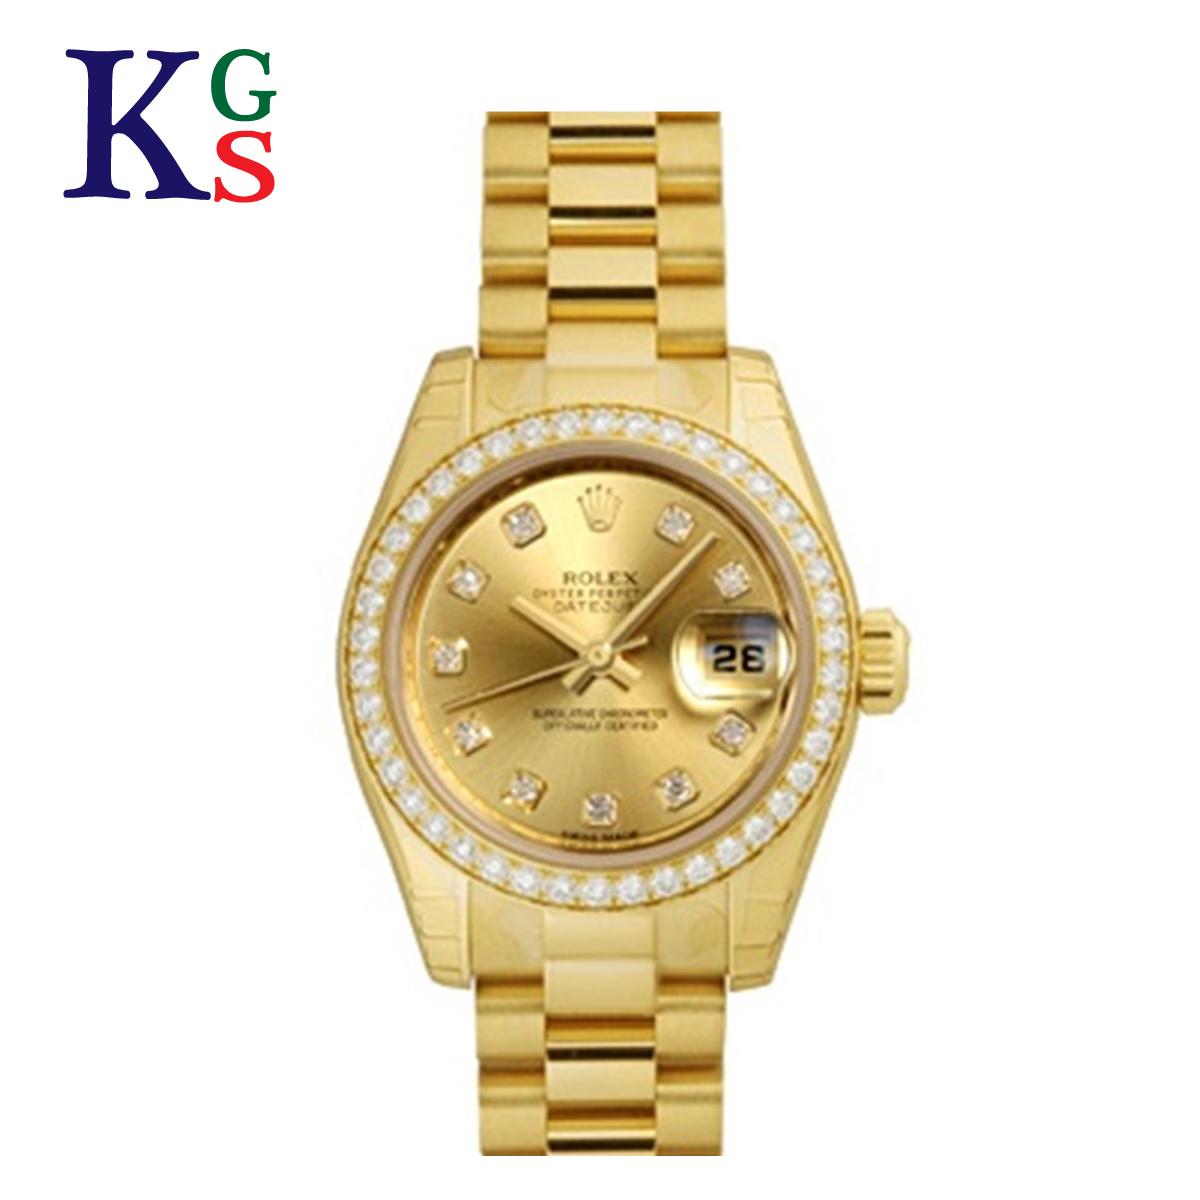 【ギフト品質】ロレックス/ROLEX レディース 腕時計 デイトジャスト イエローゴールド K18YG 10Pダイヤ ベゼルダイヤ 自動巻き 金無垢 179138G